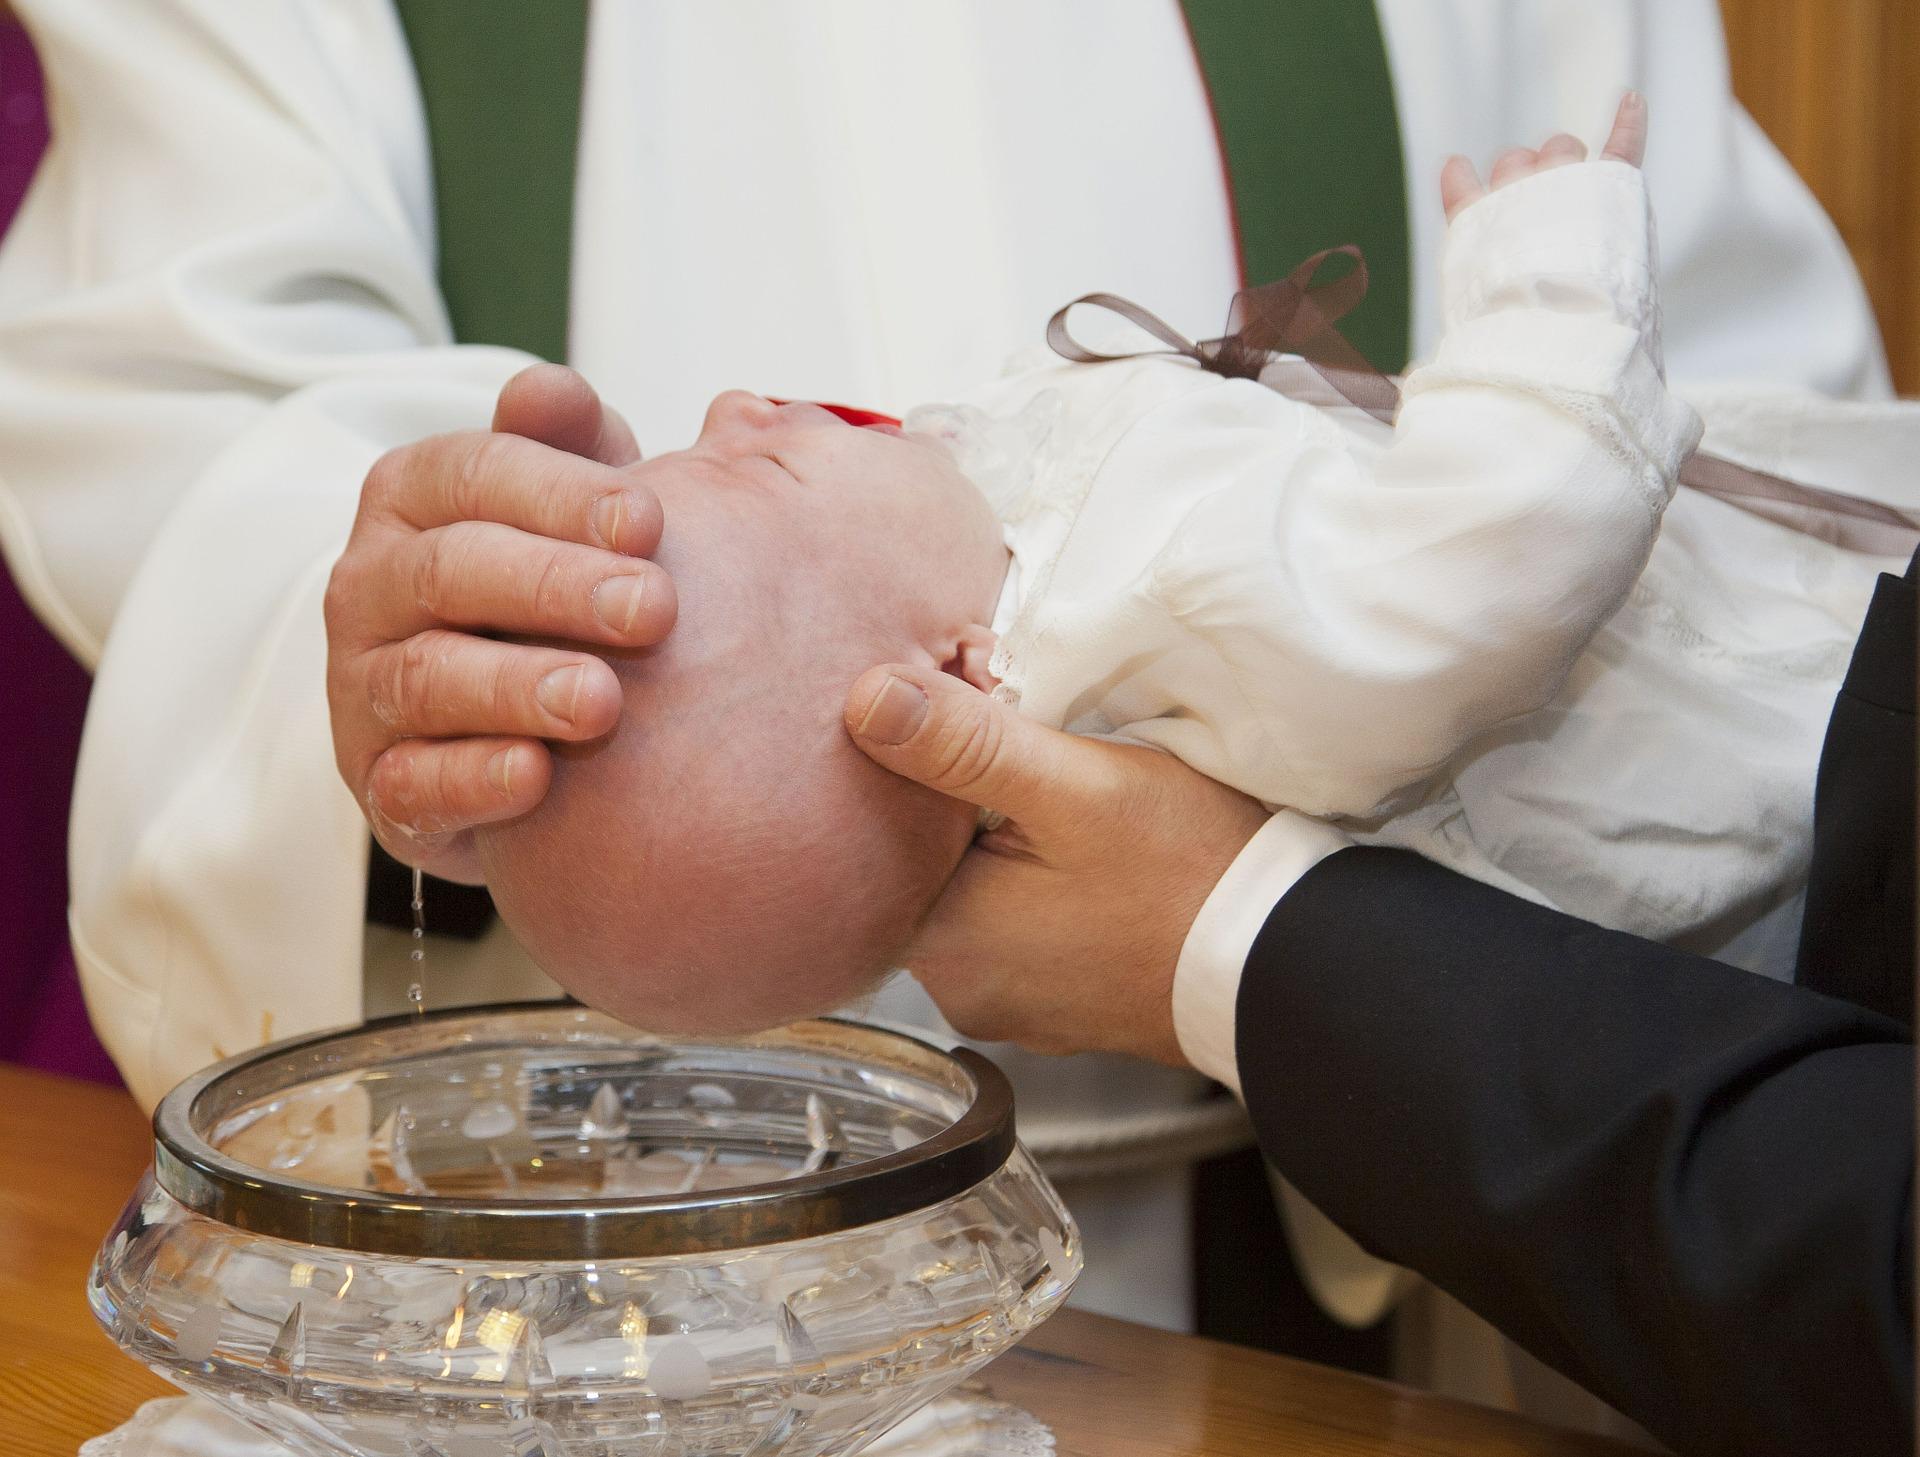 Jak urządzić chrzciny dziecka?